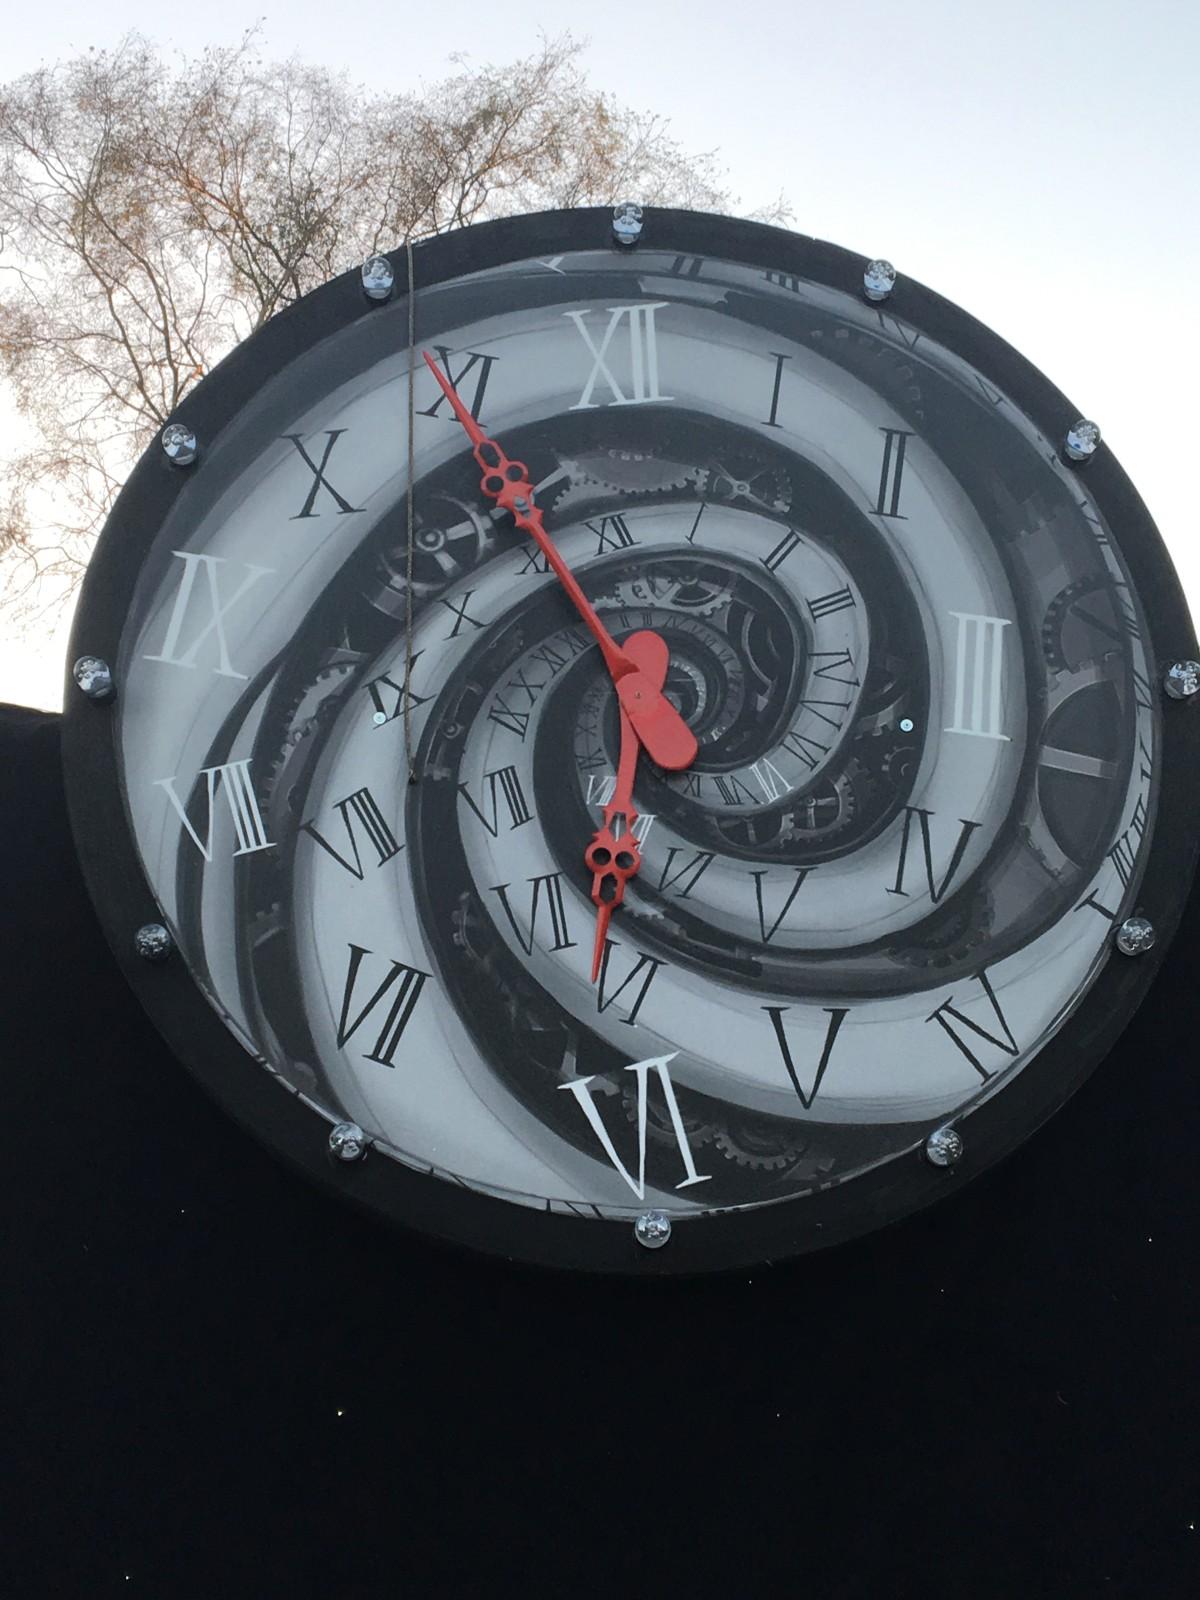 weird_clock2